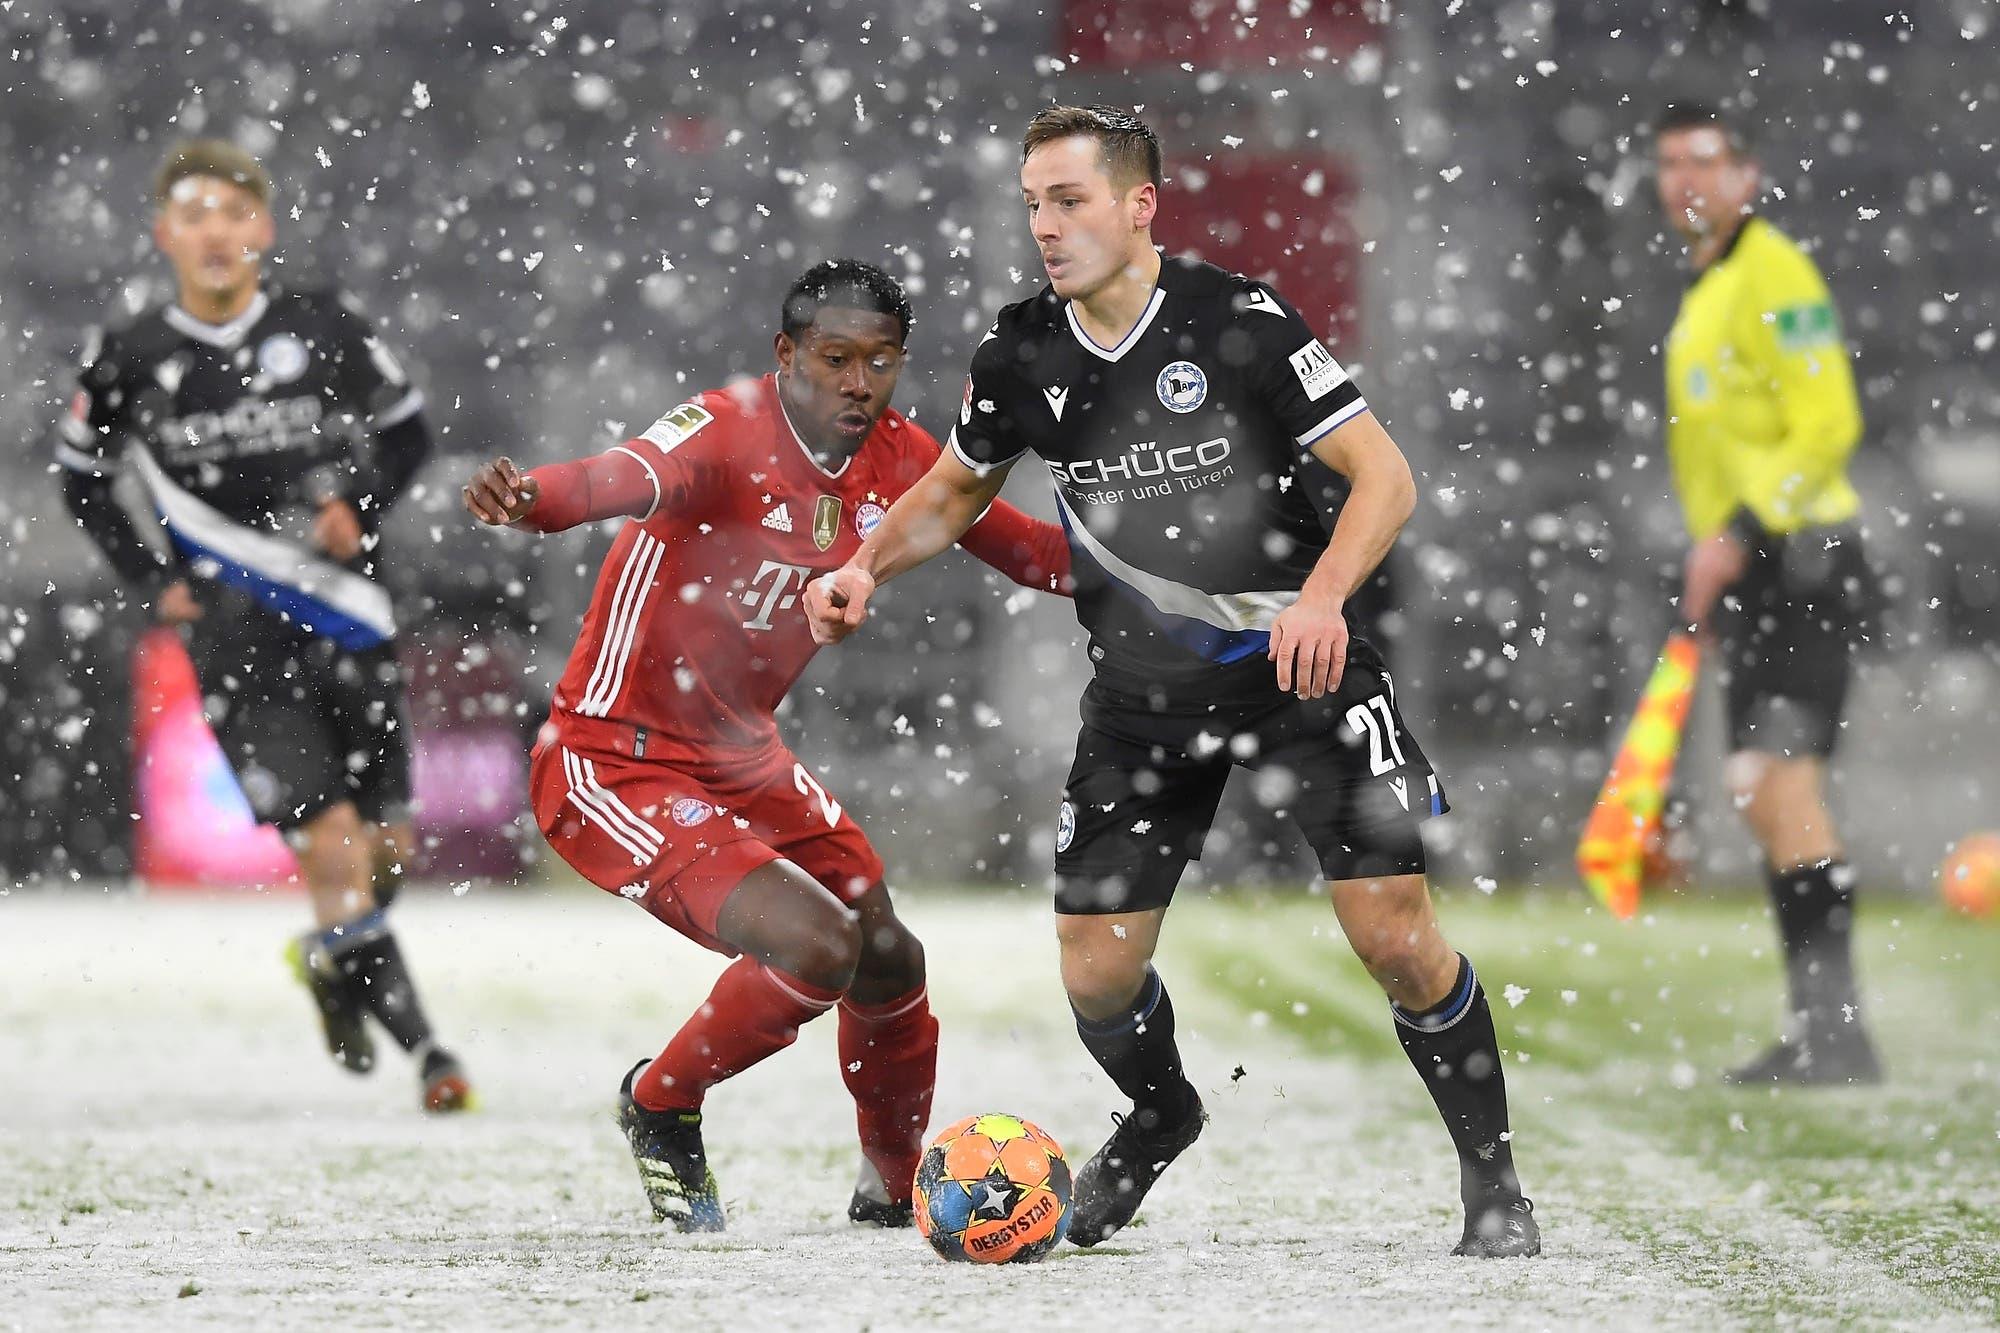 Bayern Munich también baila sobre la nieve: perdía 3-1 y empató 3-3 con Arminia, con una pelota naranja